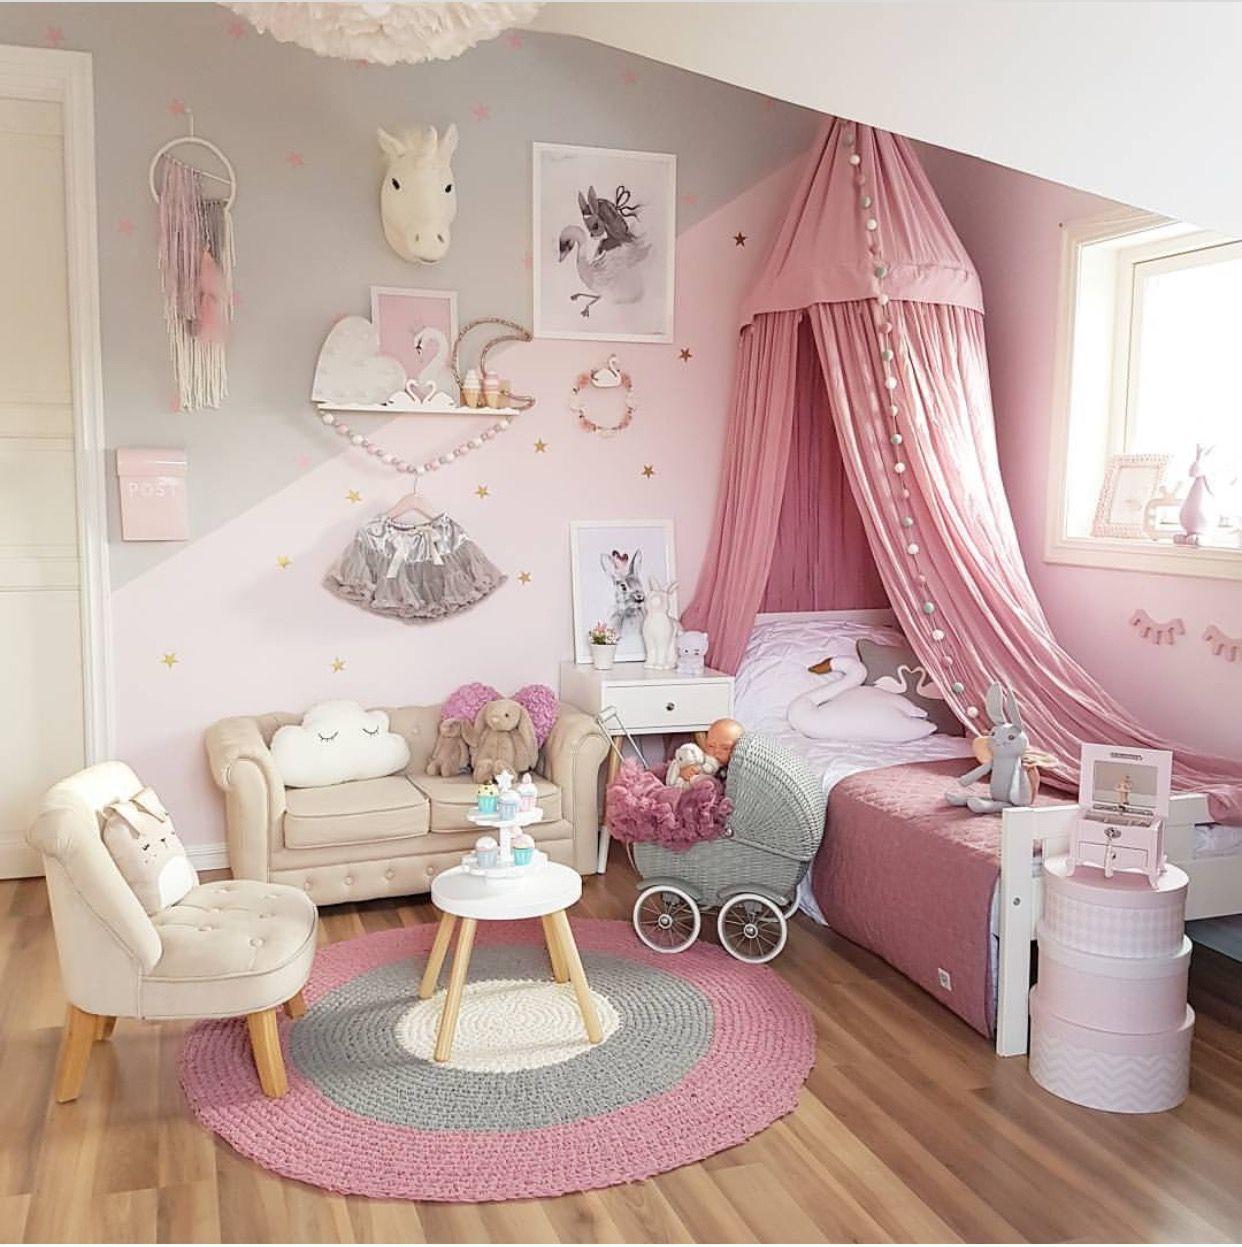 Pingl par cilene sur camila bedroom pinterest for Decoracion de cuarto para nina recien nacida